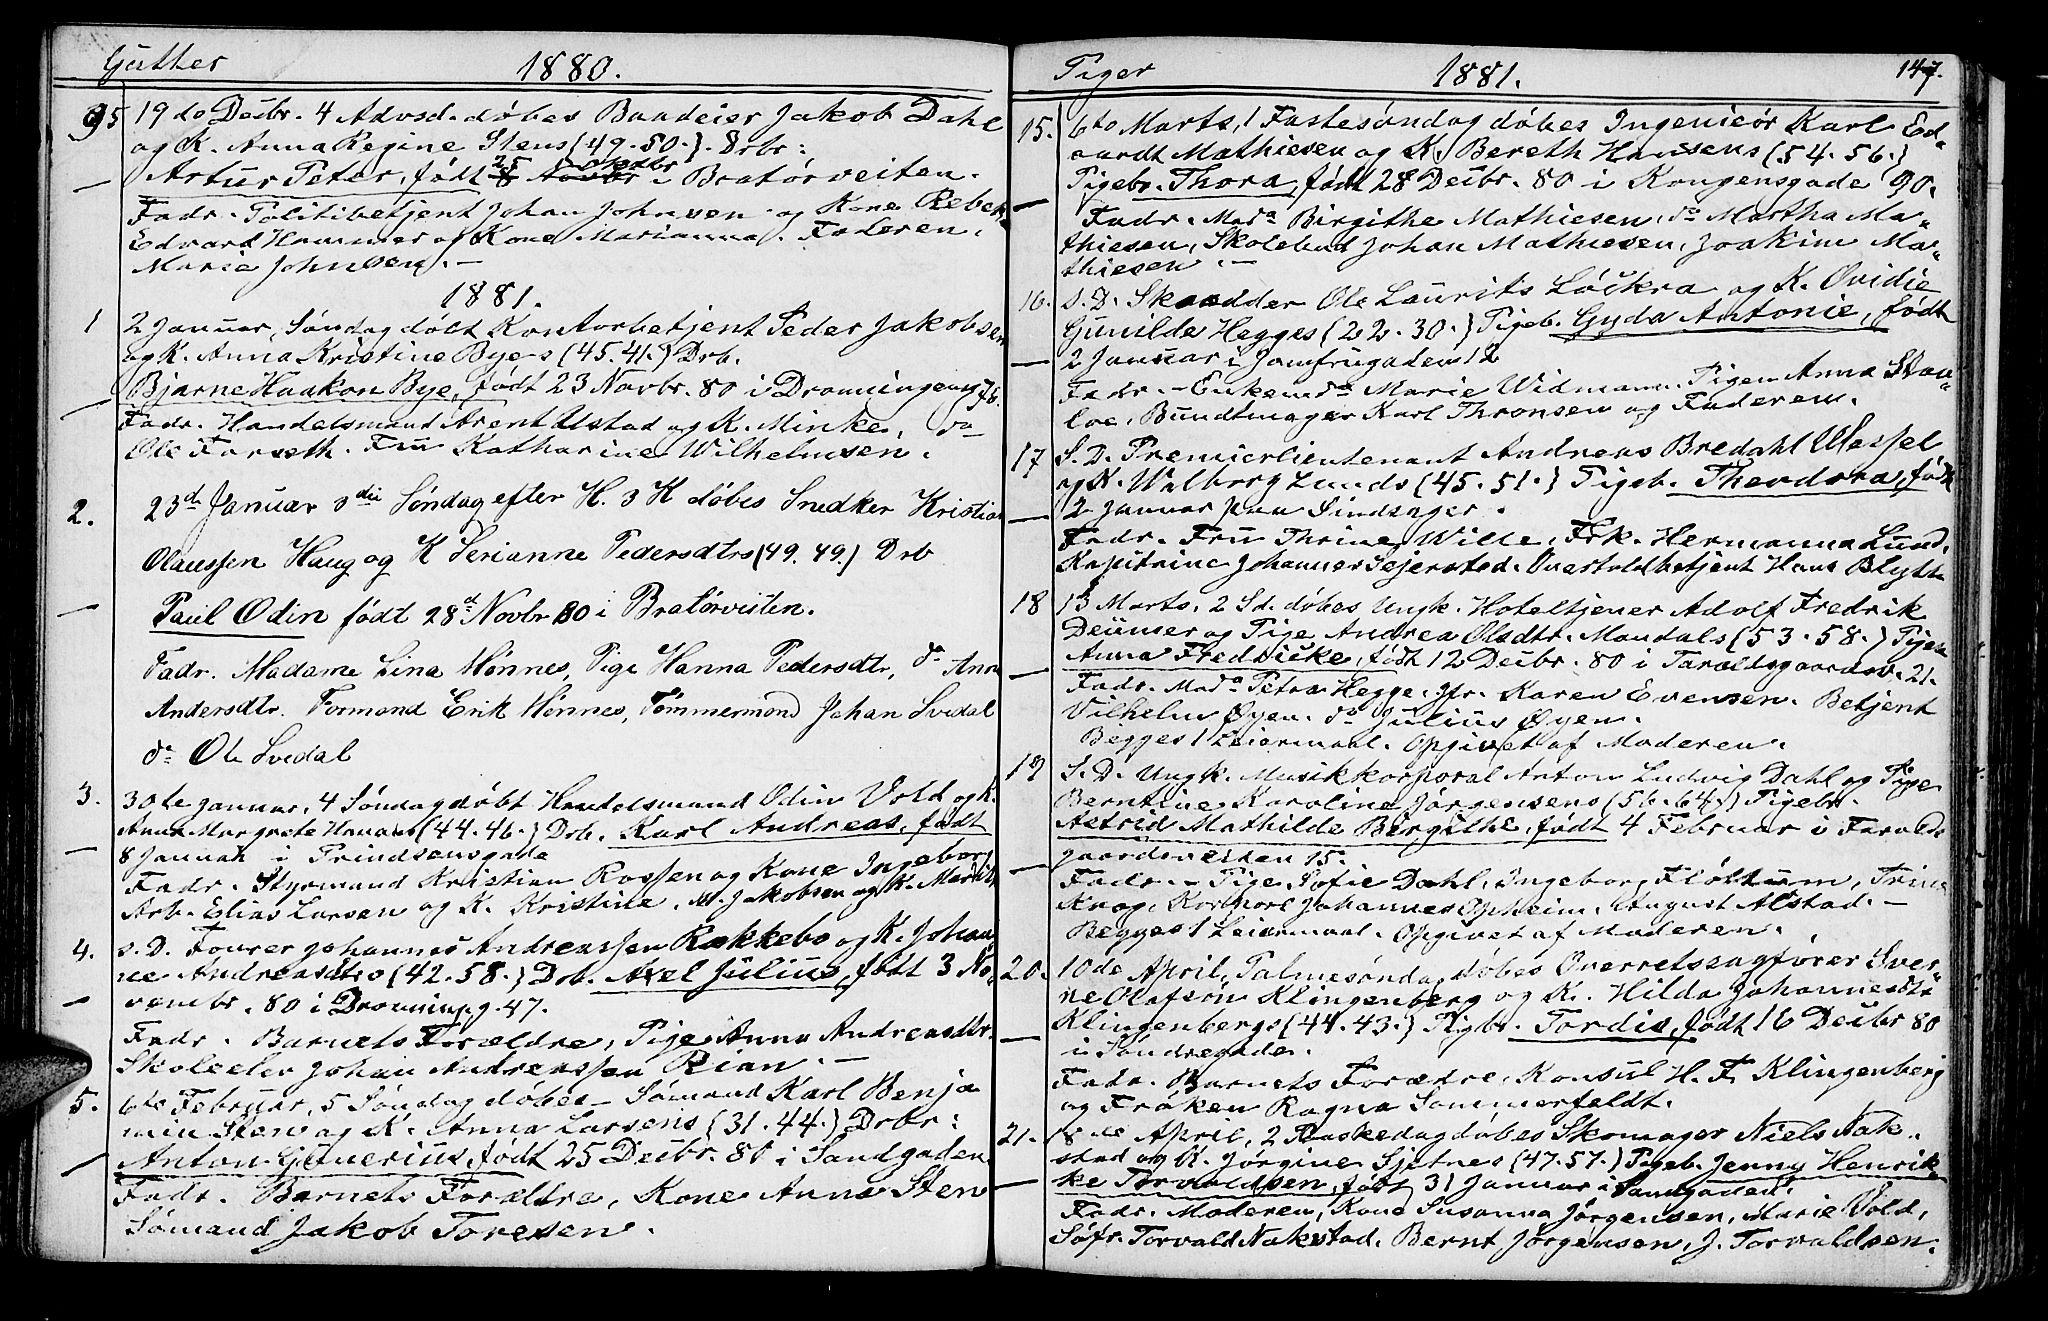 SAT, Ministerialprotokoller, klokkerbøker og fødselsregistre - Sør-Trøndelag, 602/L0142: Klokkerbok nr. 602C10, 1872-1894, s. 147